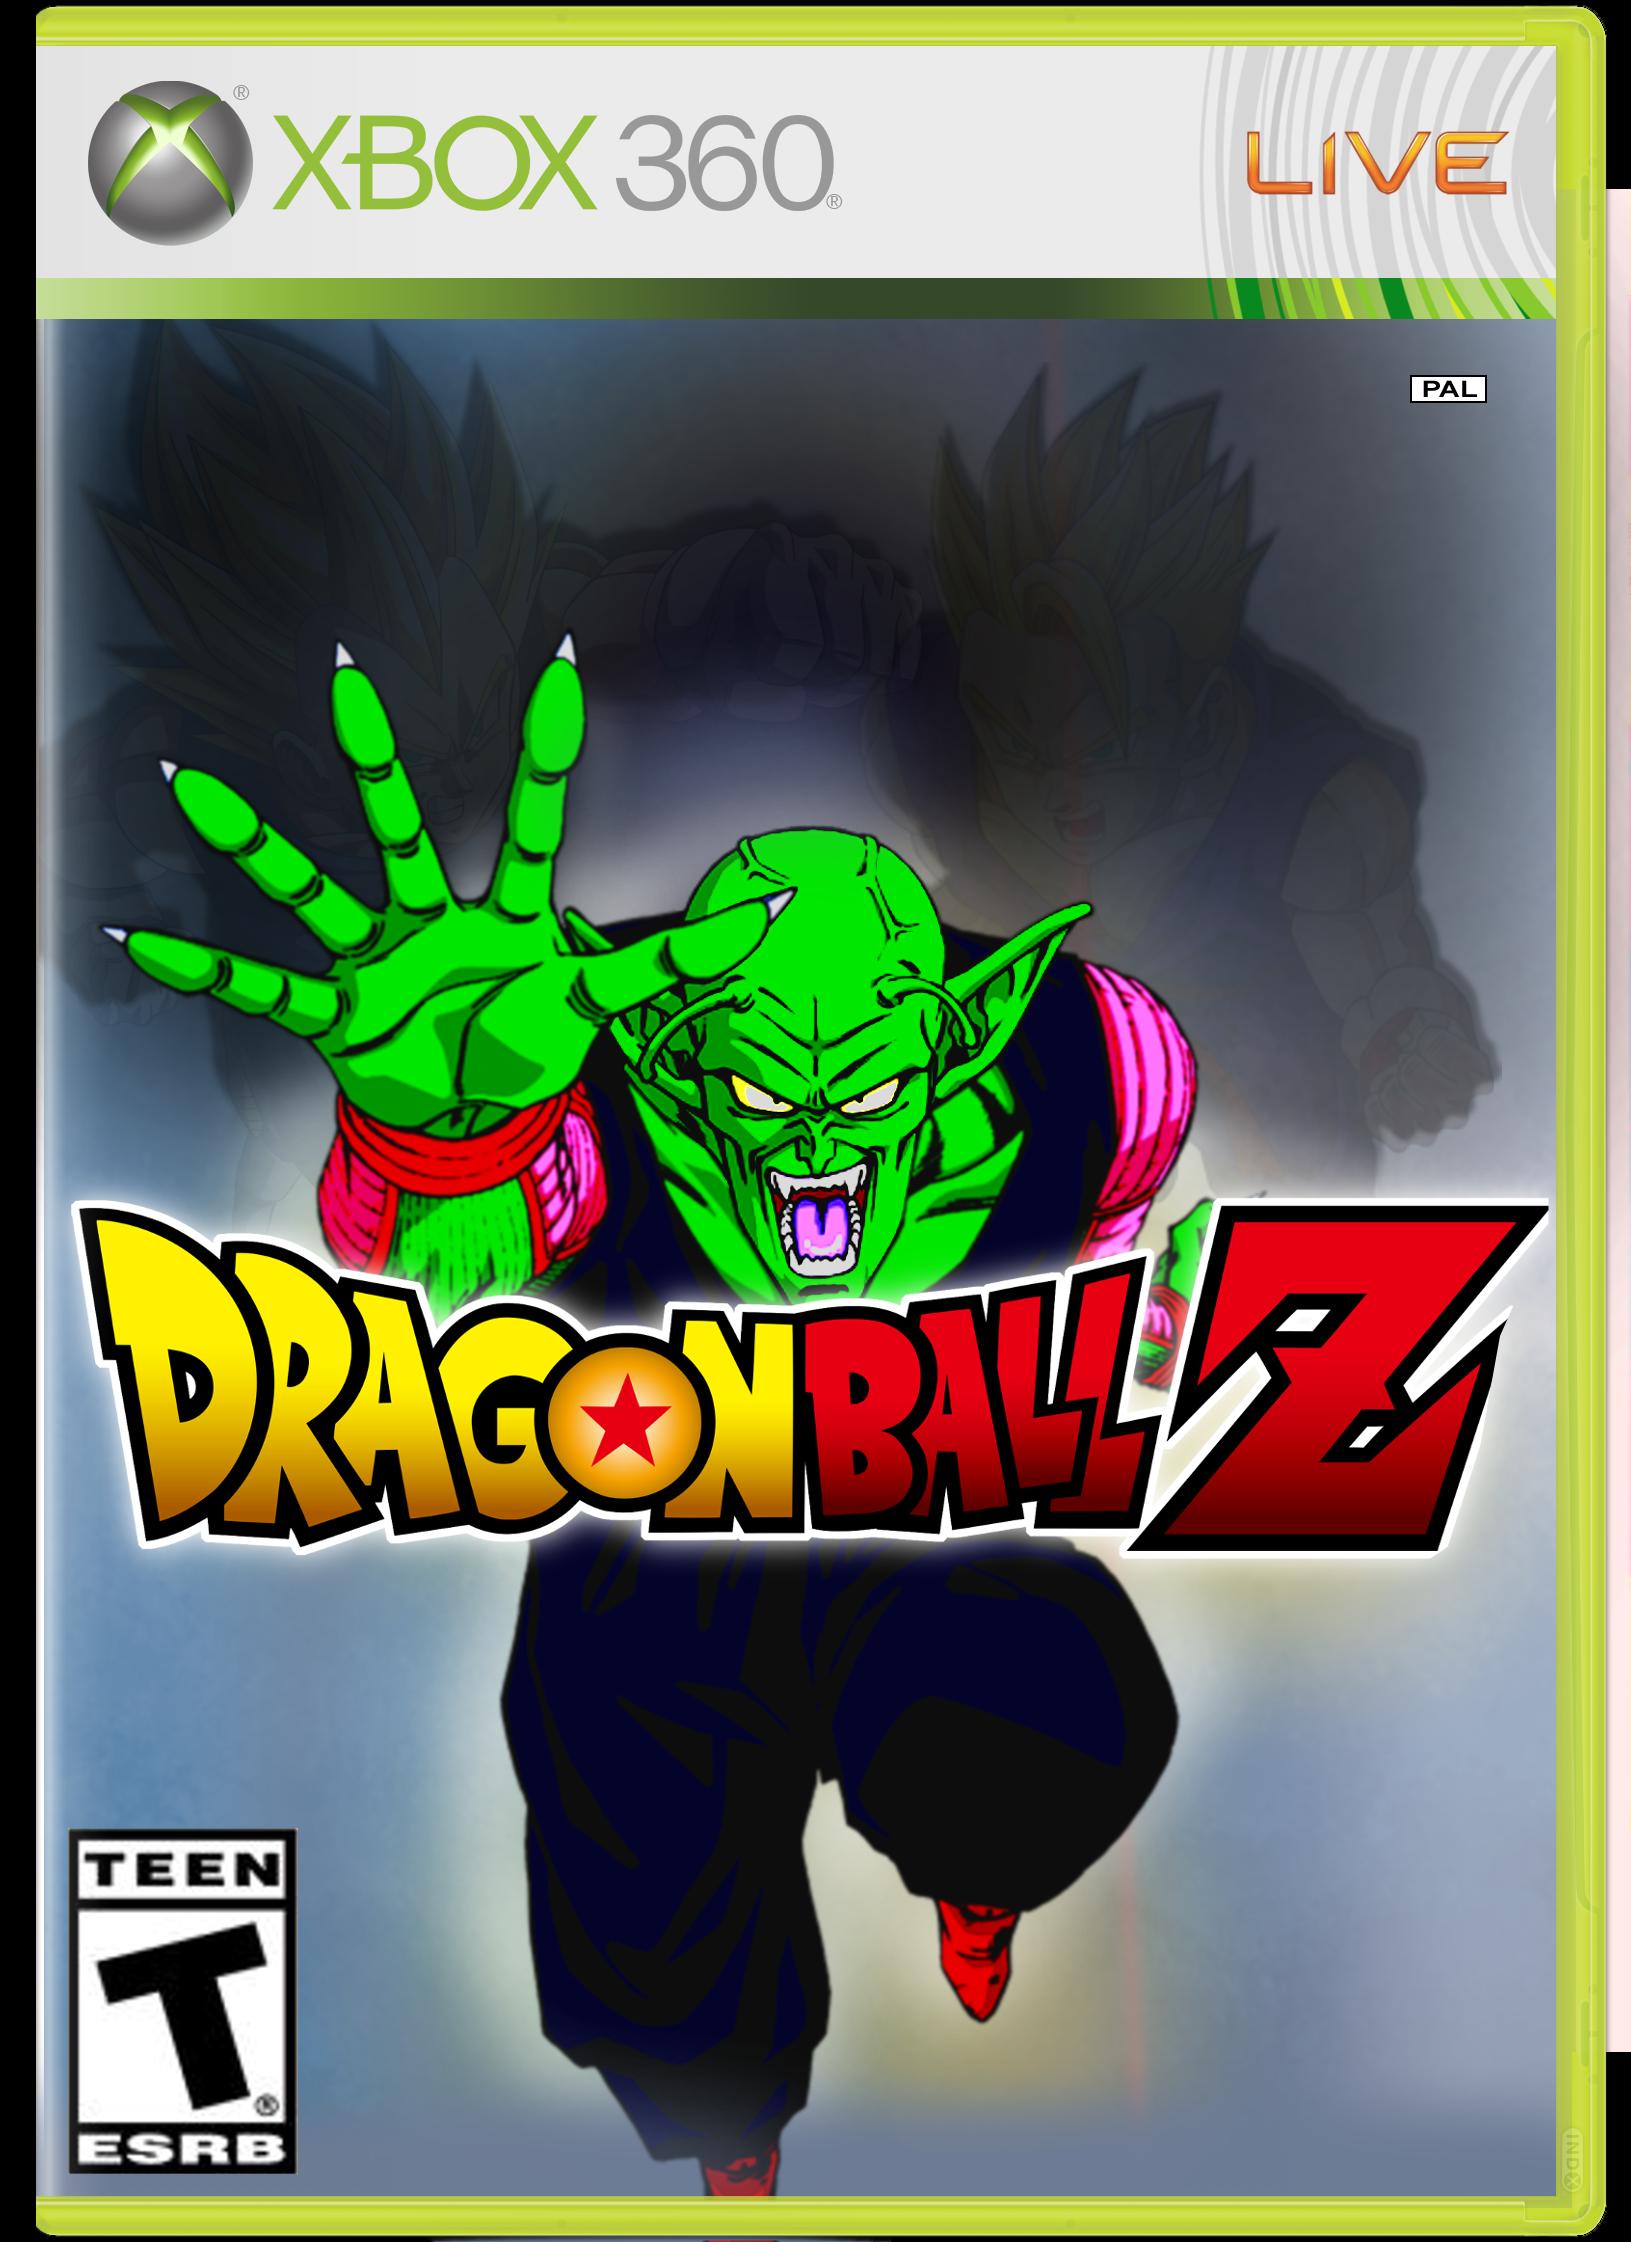 Dragon Ball Z Xbox 360 Box Art Cover By B S B